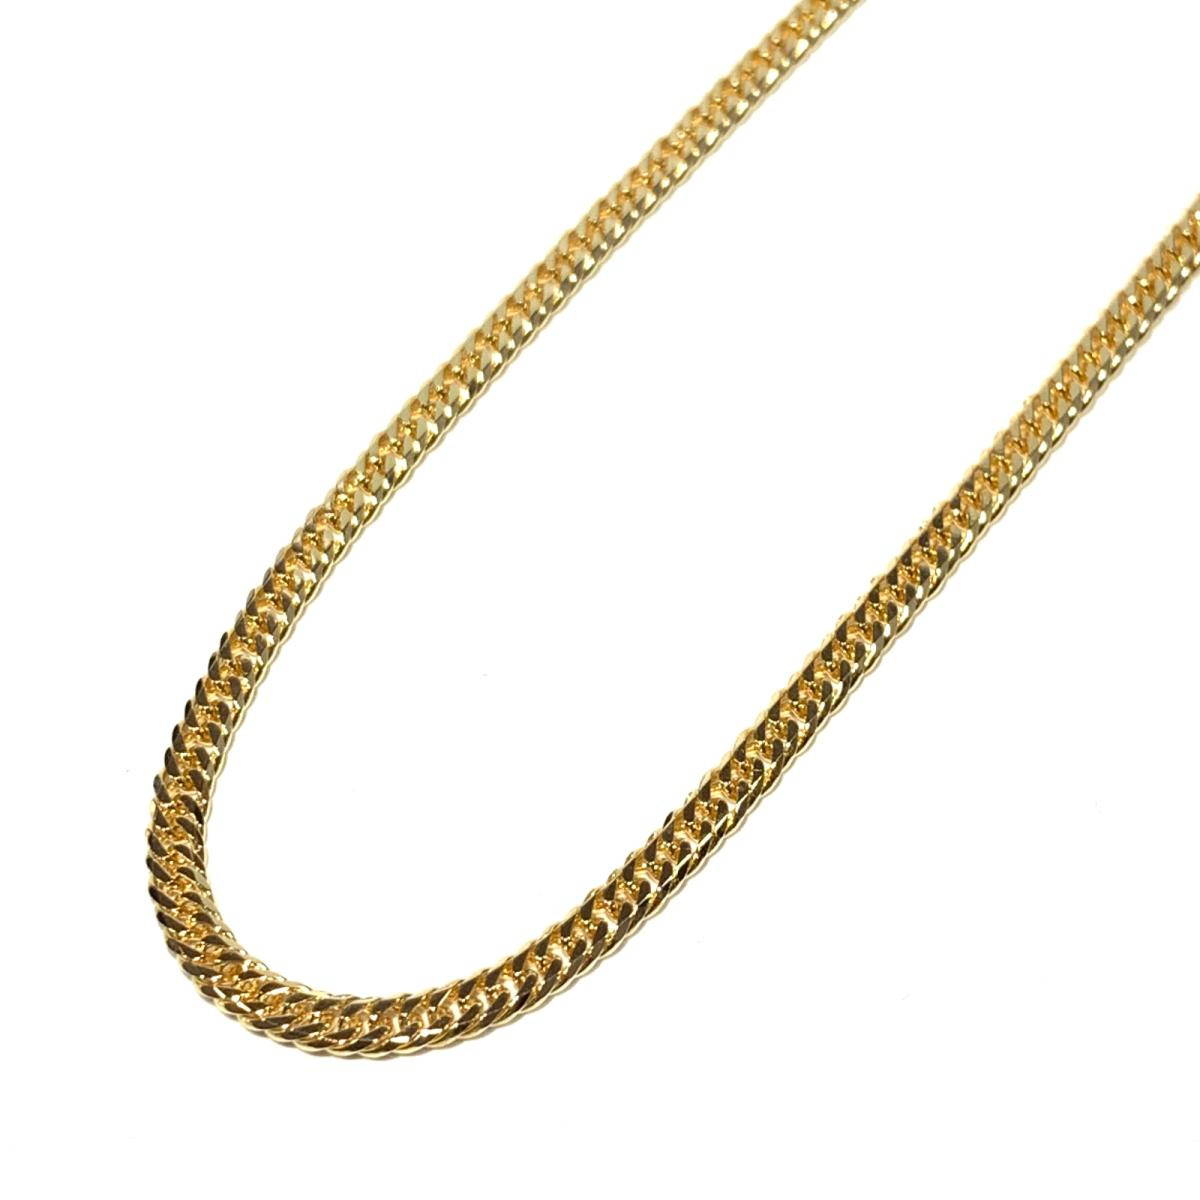 ジュエリー 6メンWキヘイ ネックレス メンズ レディース K18YG750イエローゴールド ゴールドJEWELRY BRANDOFF ブランドオフ ブランド アクセサリー ペンダントwZuOkXiTP